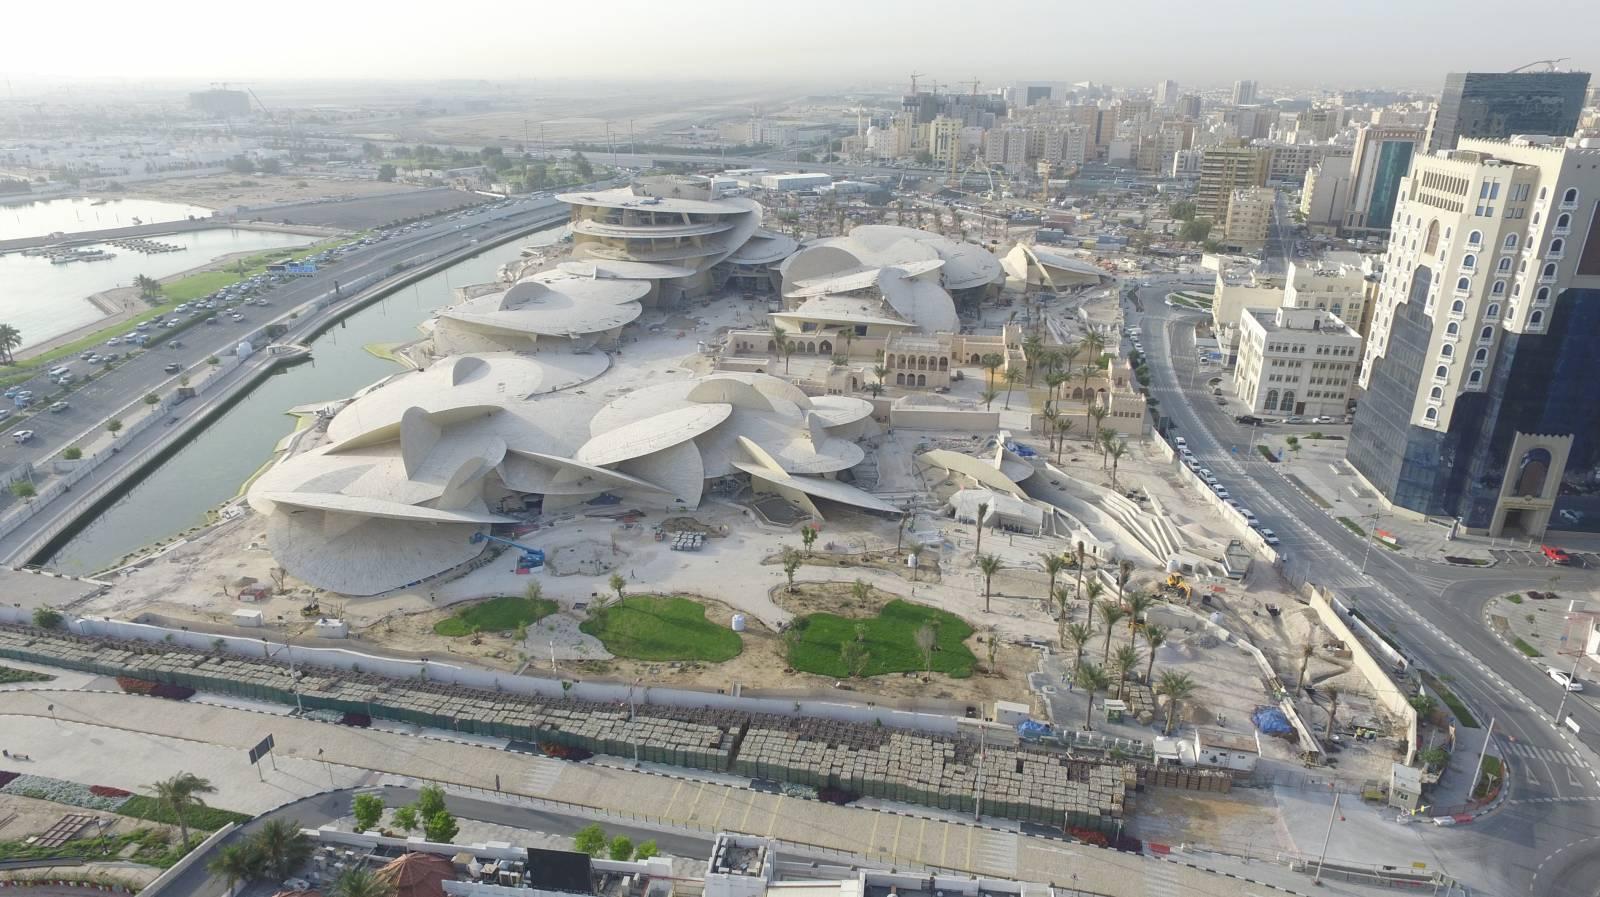 Lavorare In Qatar Architetto la rosa di doha, la visione di jean nouvel - giusy baffi